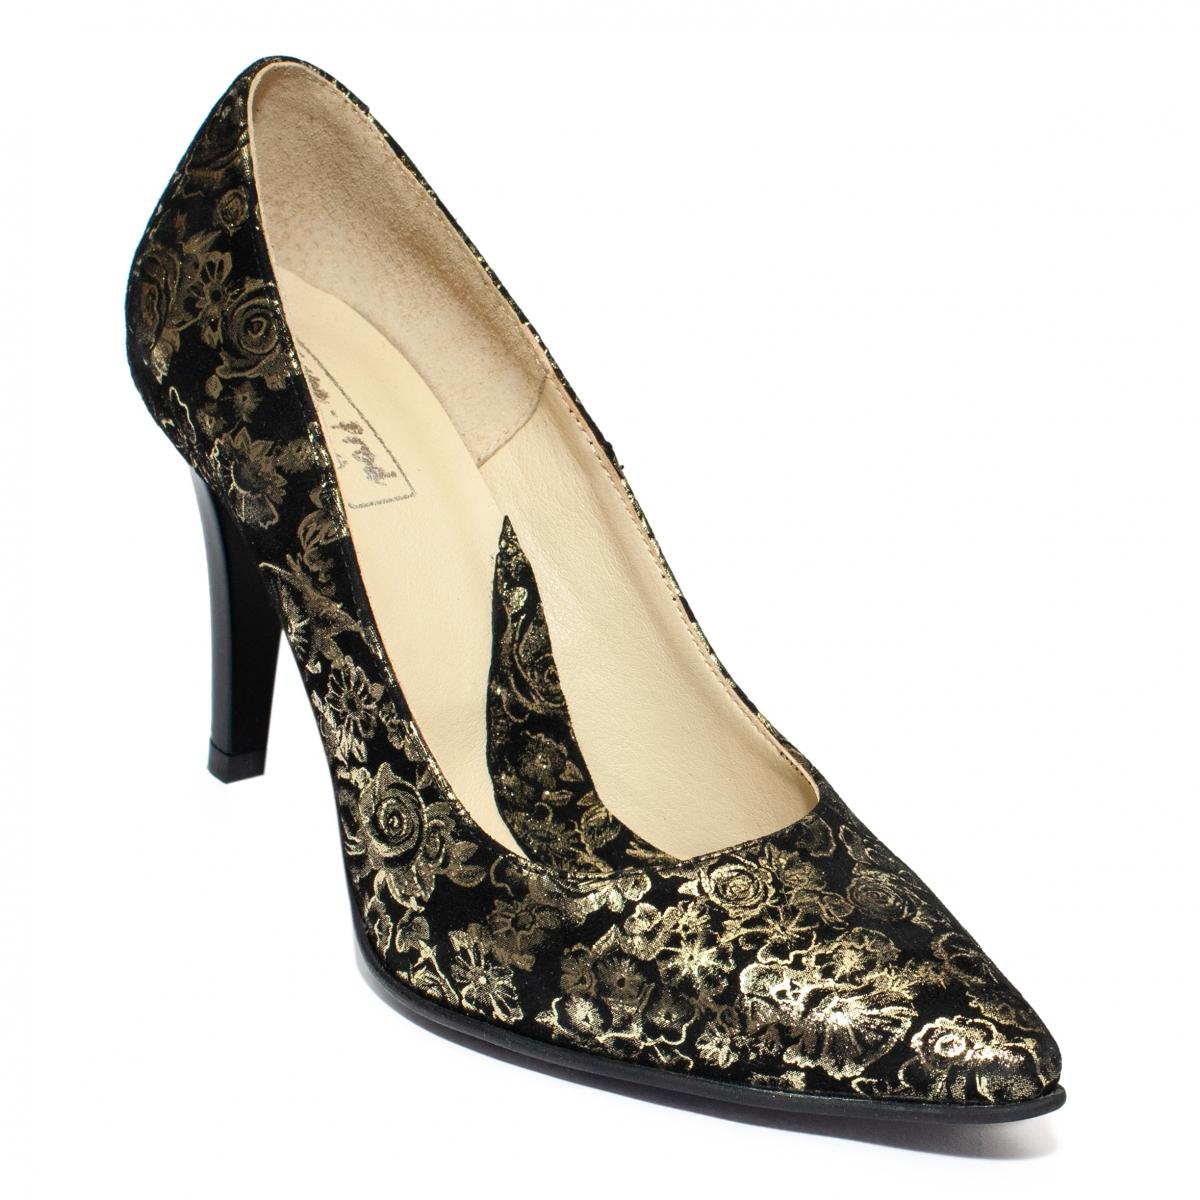 Pantofi dama stileto cu toc 004 negru auriu 33-40